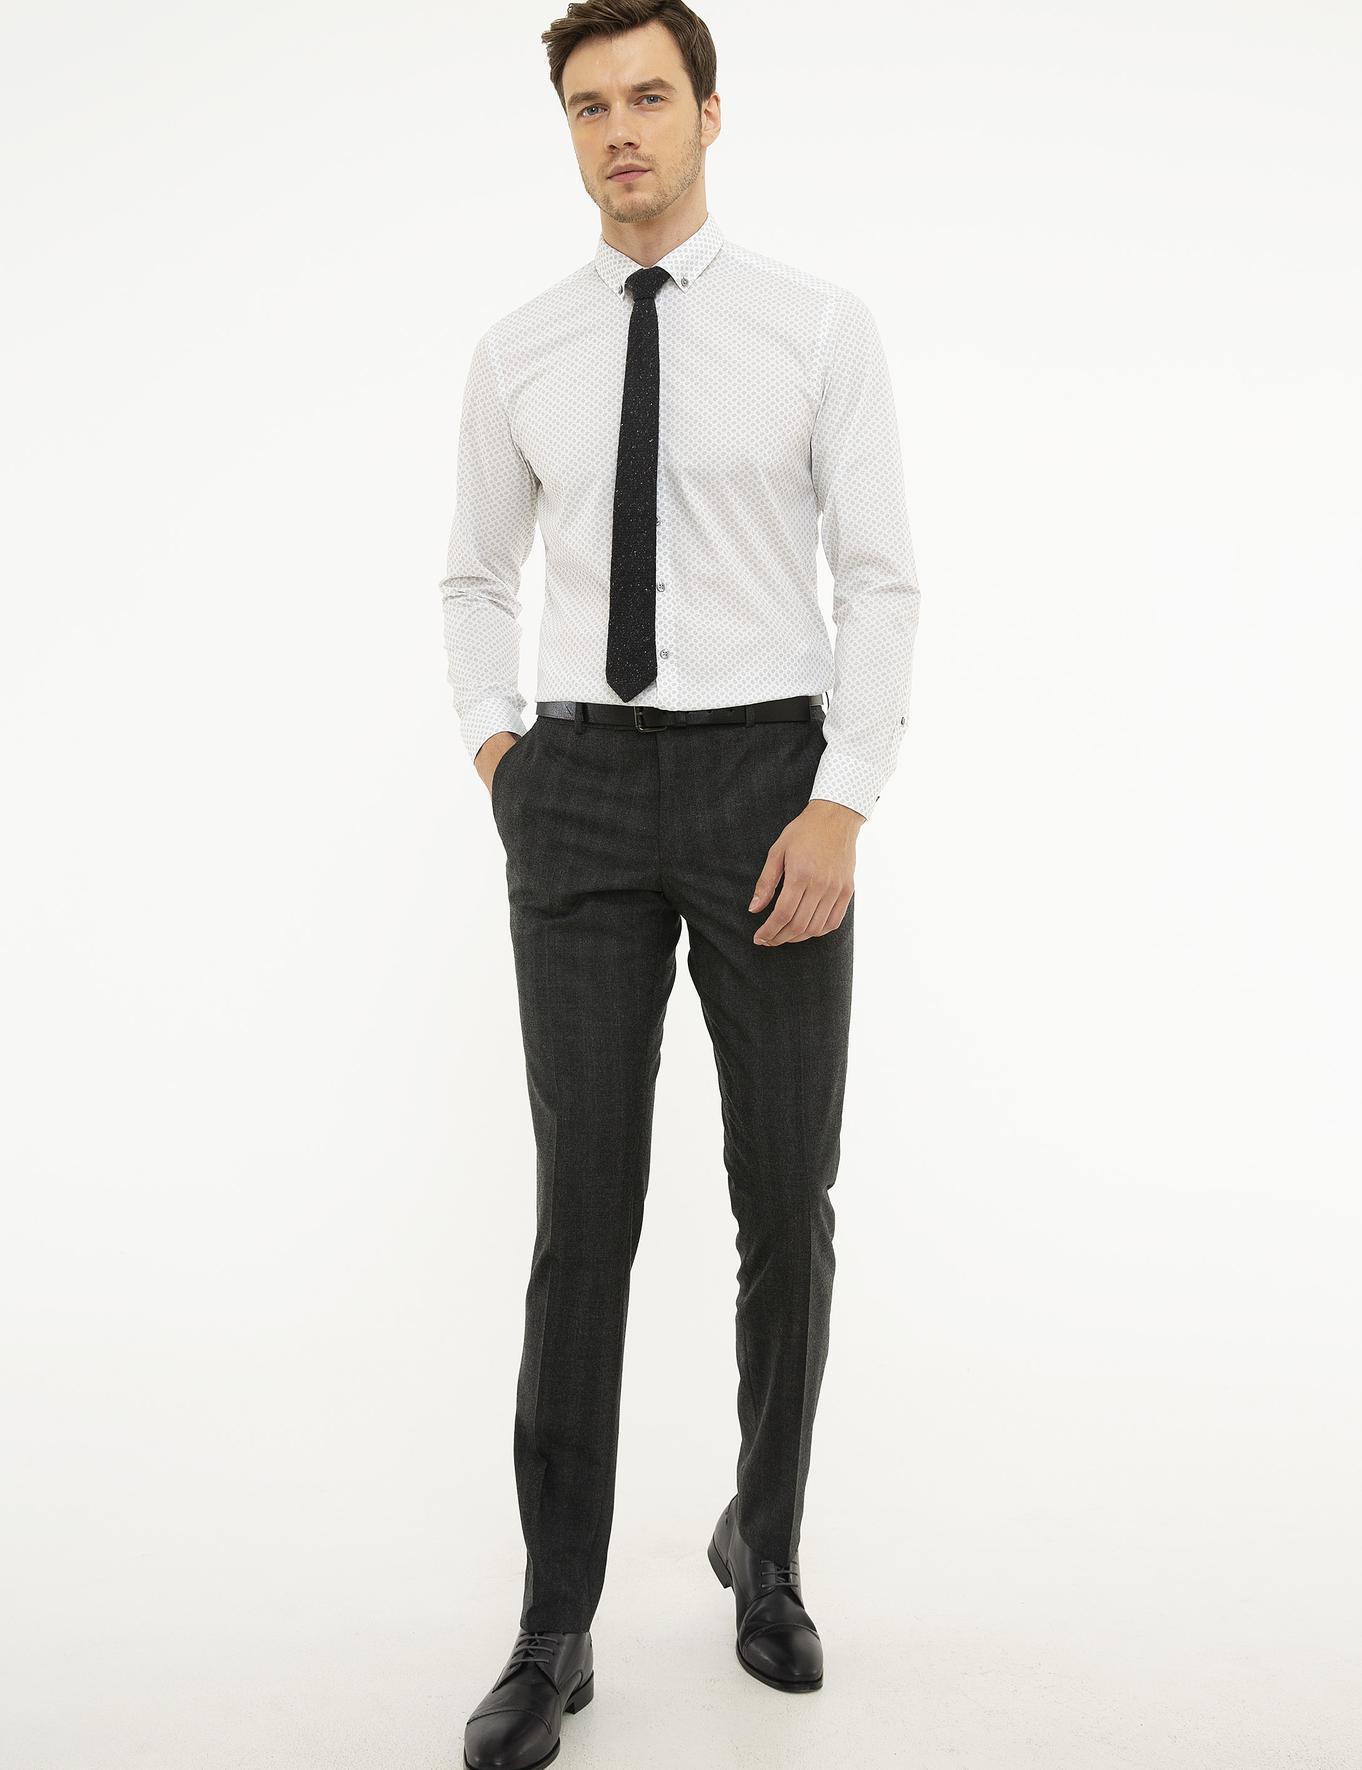 Açık Gri Slim Fit Gömlek - 50218082004